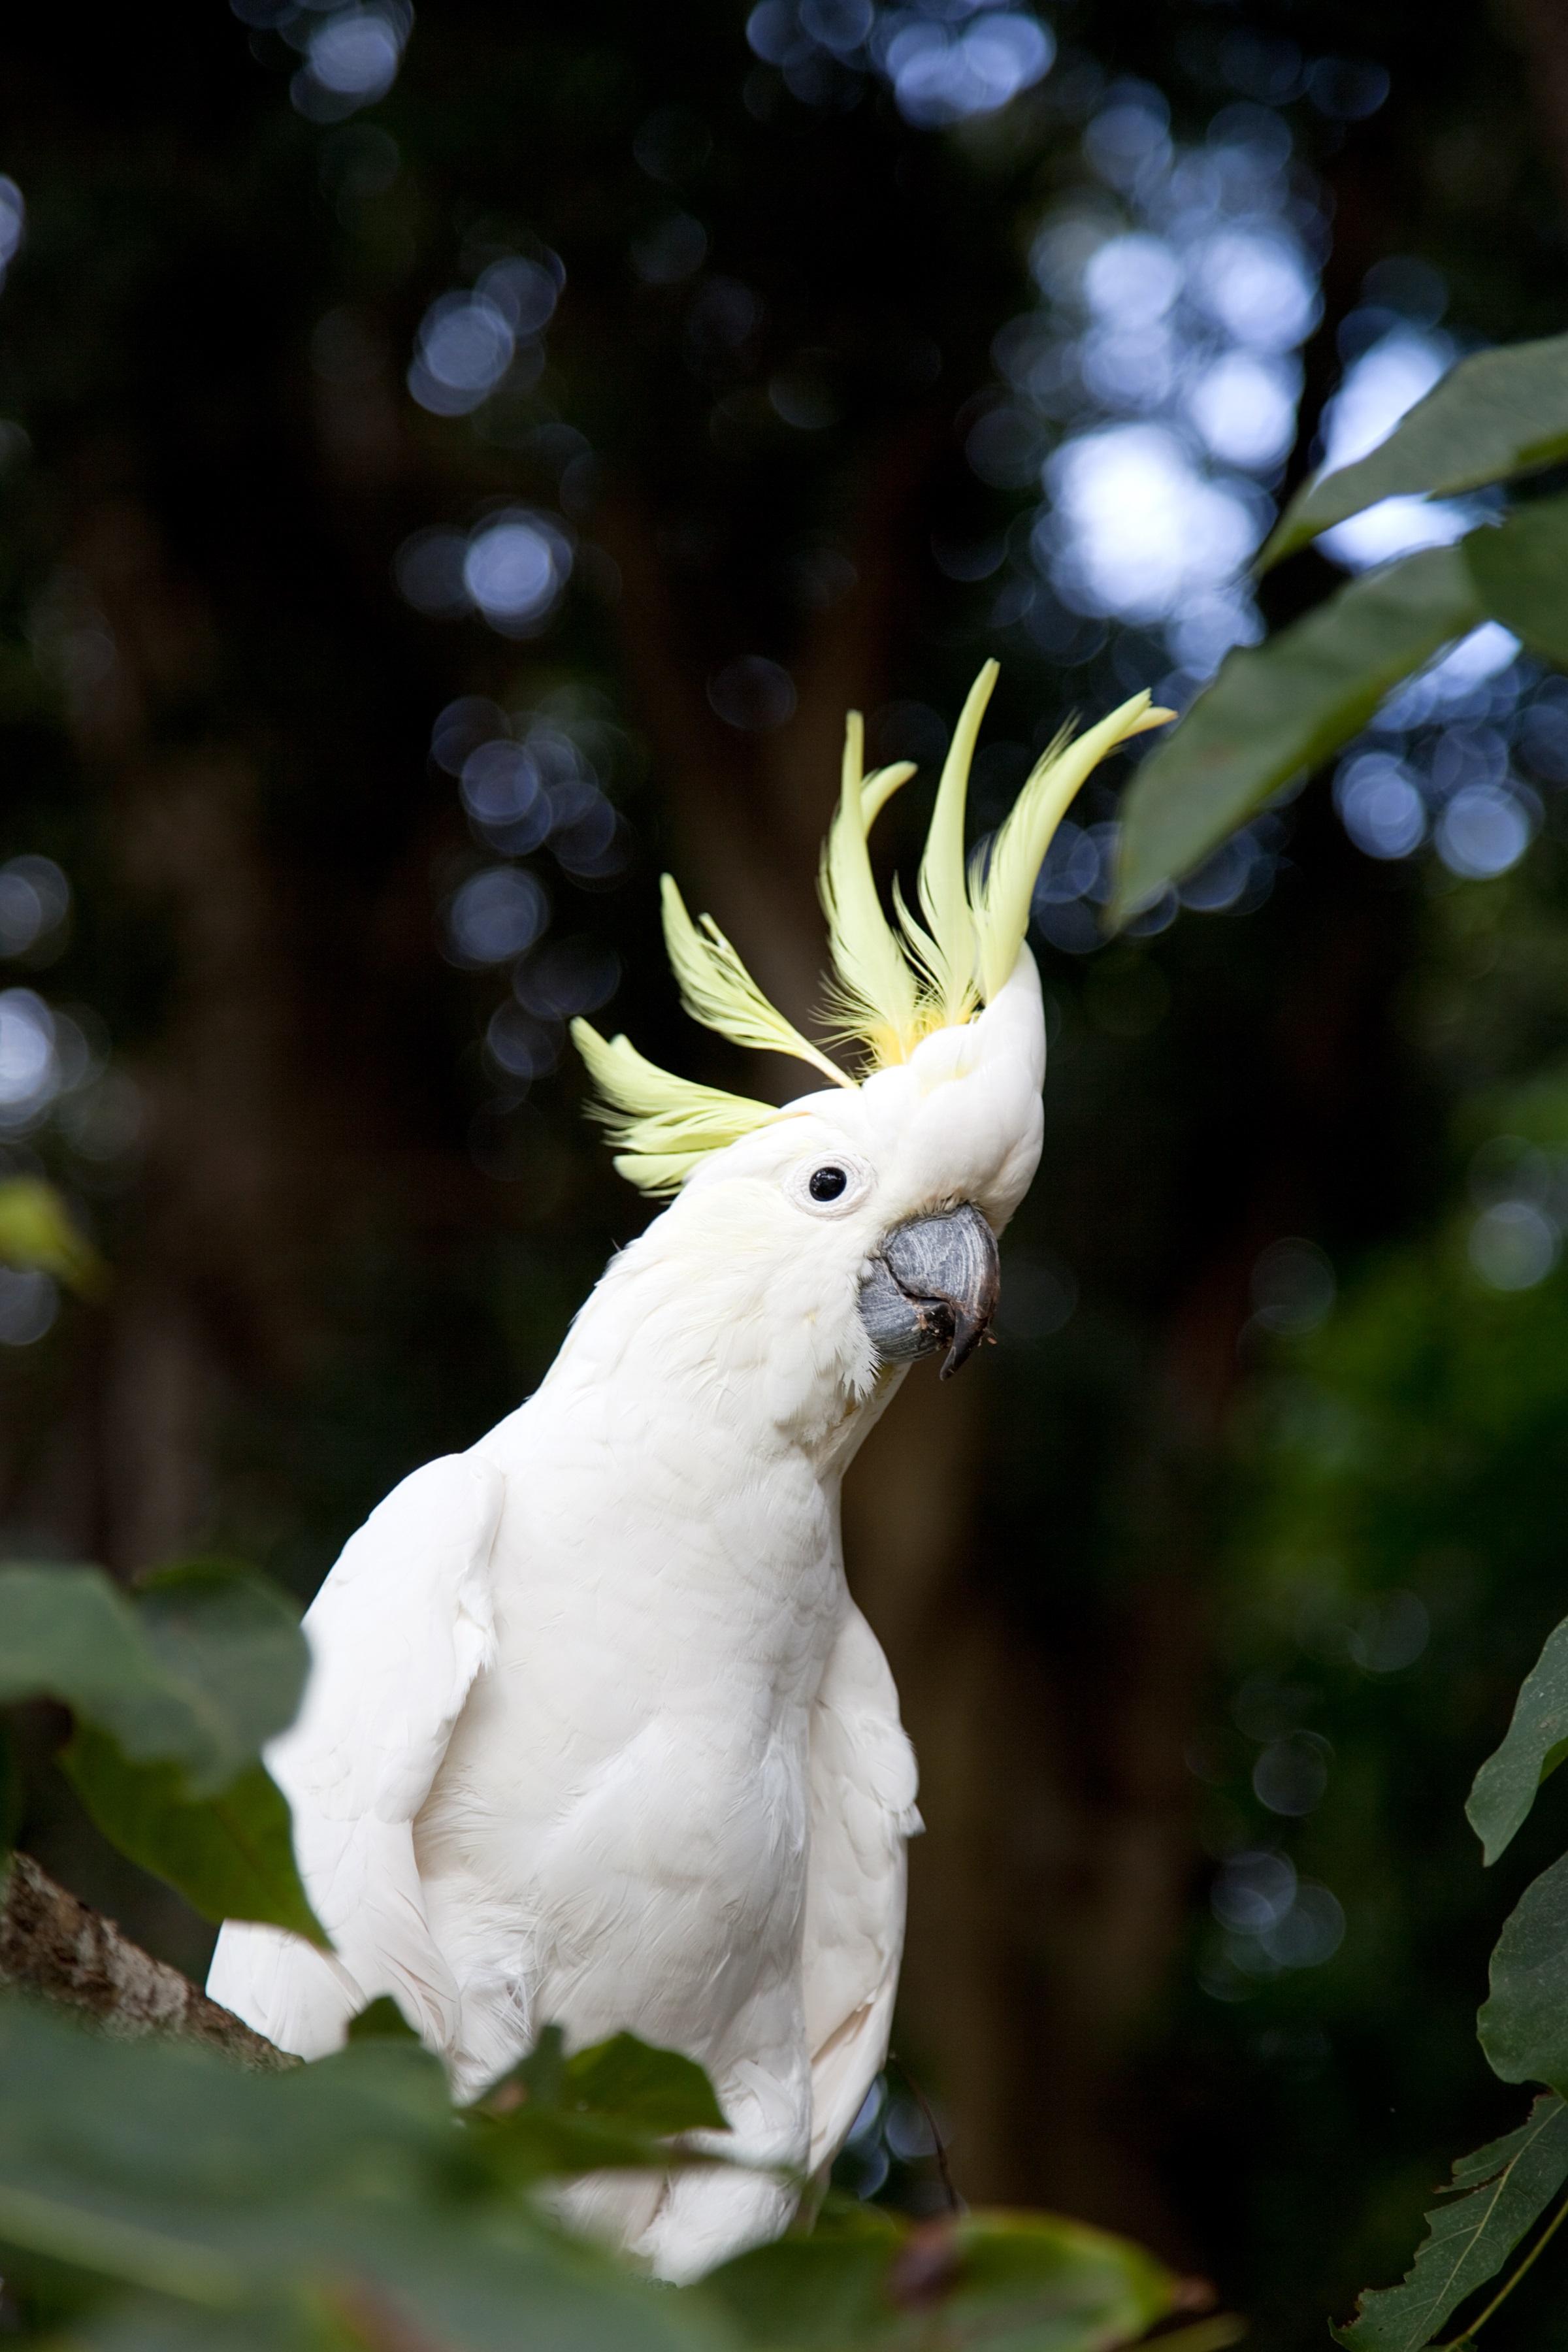 Тази красива птица обаче е намерила своя оазис в силно урбанизирания Хонг Конг. Броят на малкото жълтокачулато какаду там наброява около 200 екземпляра, което е 10% от световната популация.